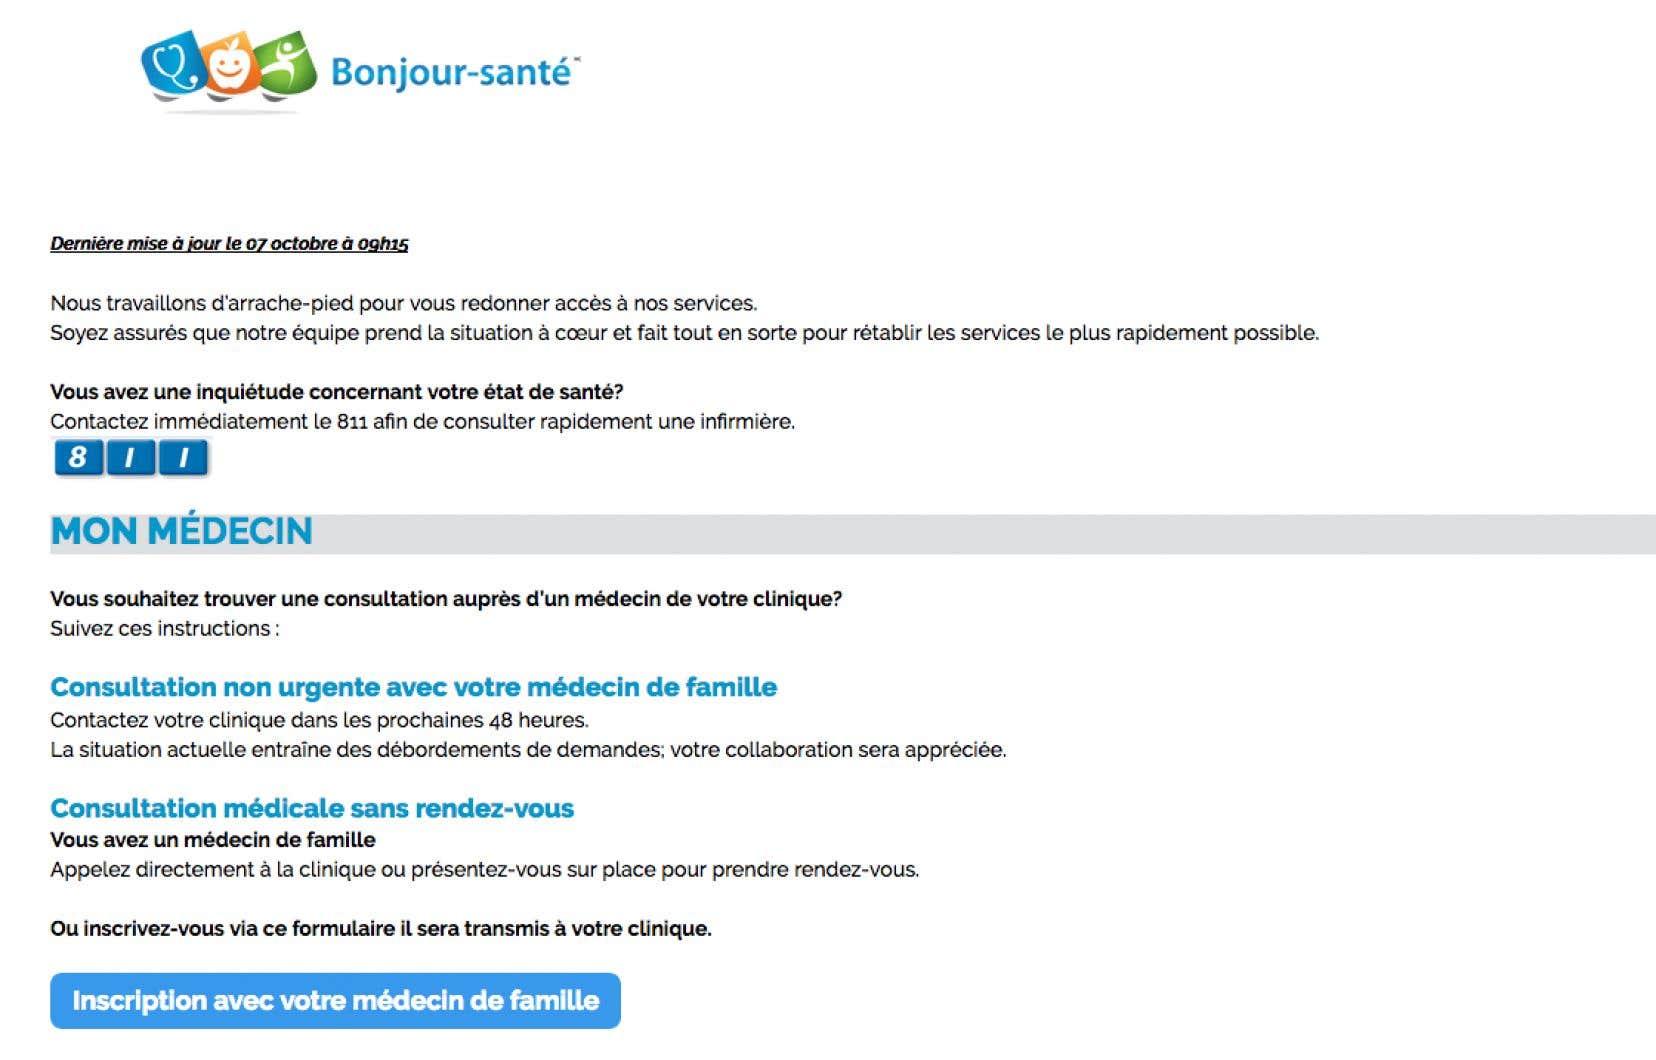 Le site web Bonjour-santé est en panne depuis dimanche matin.